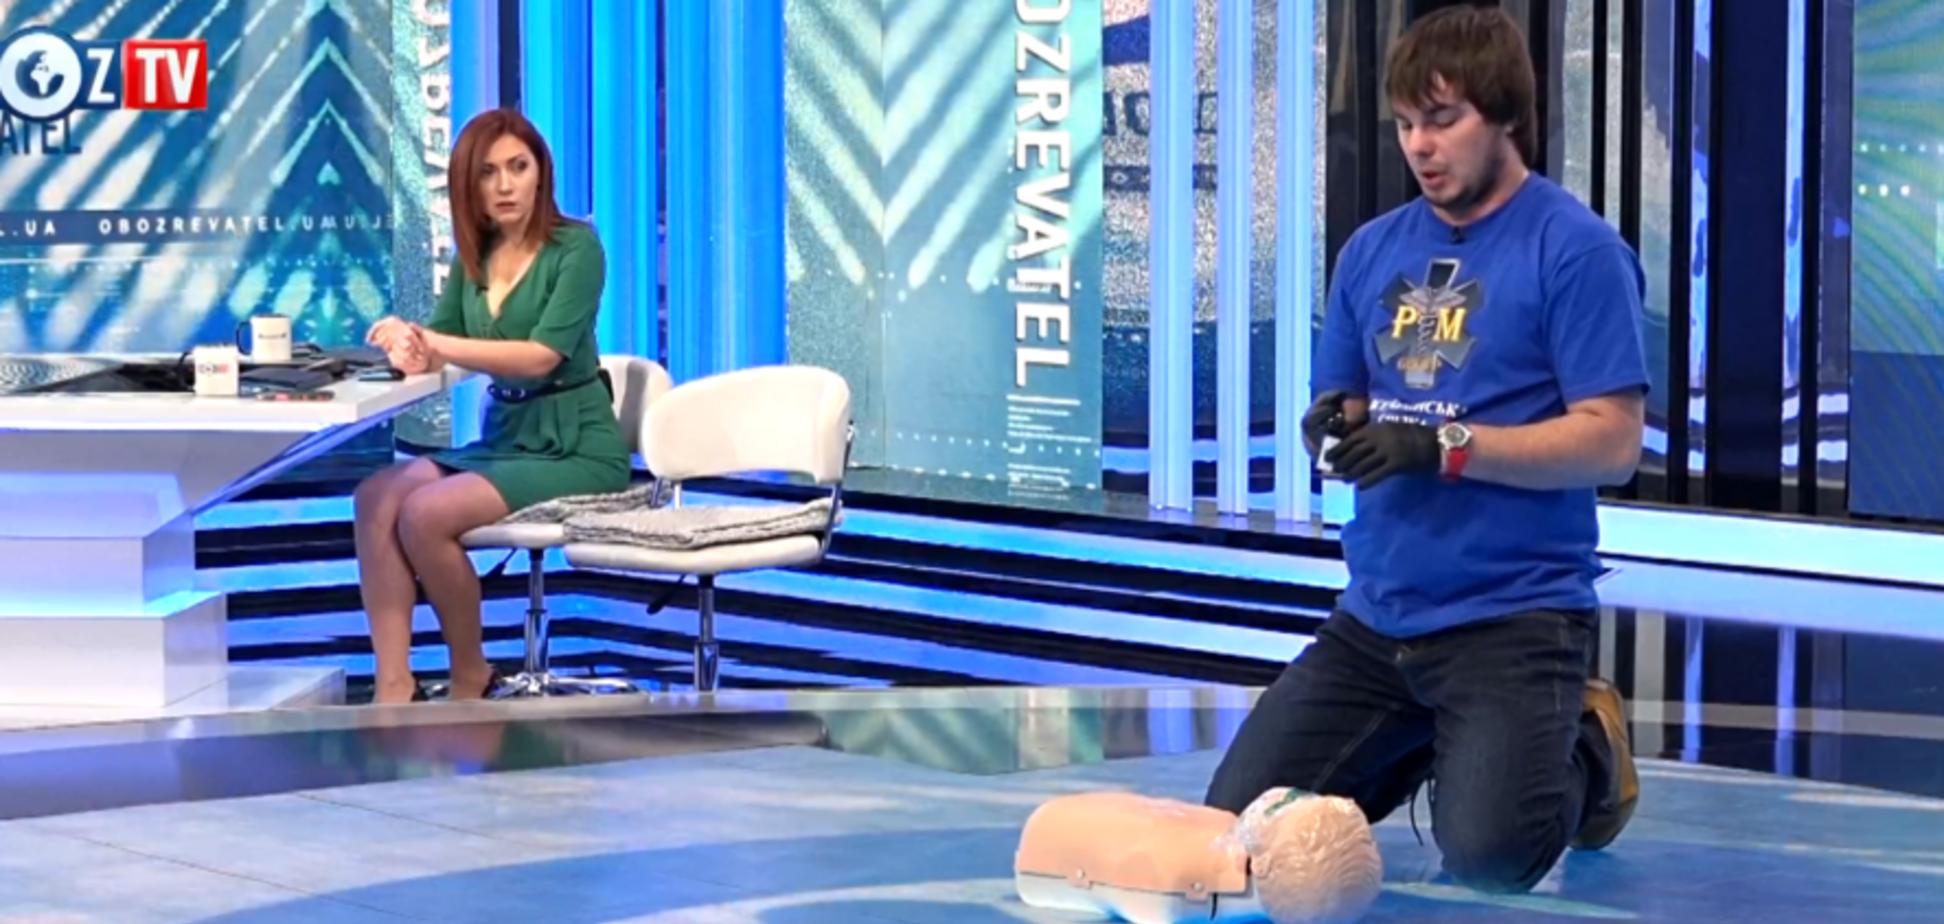 Детская смертность в школах: парамедик дал рекомендации по спасению жизни